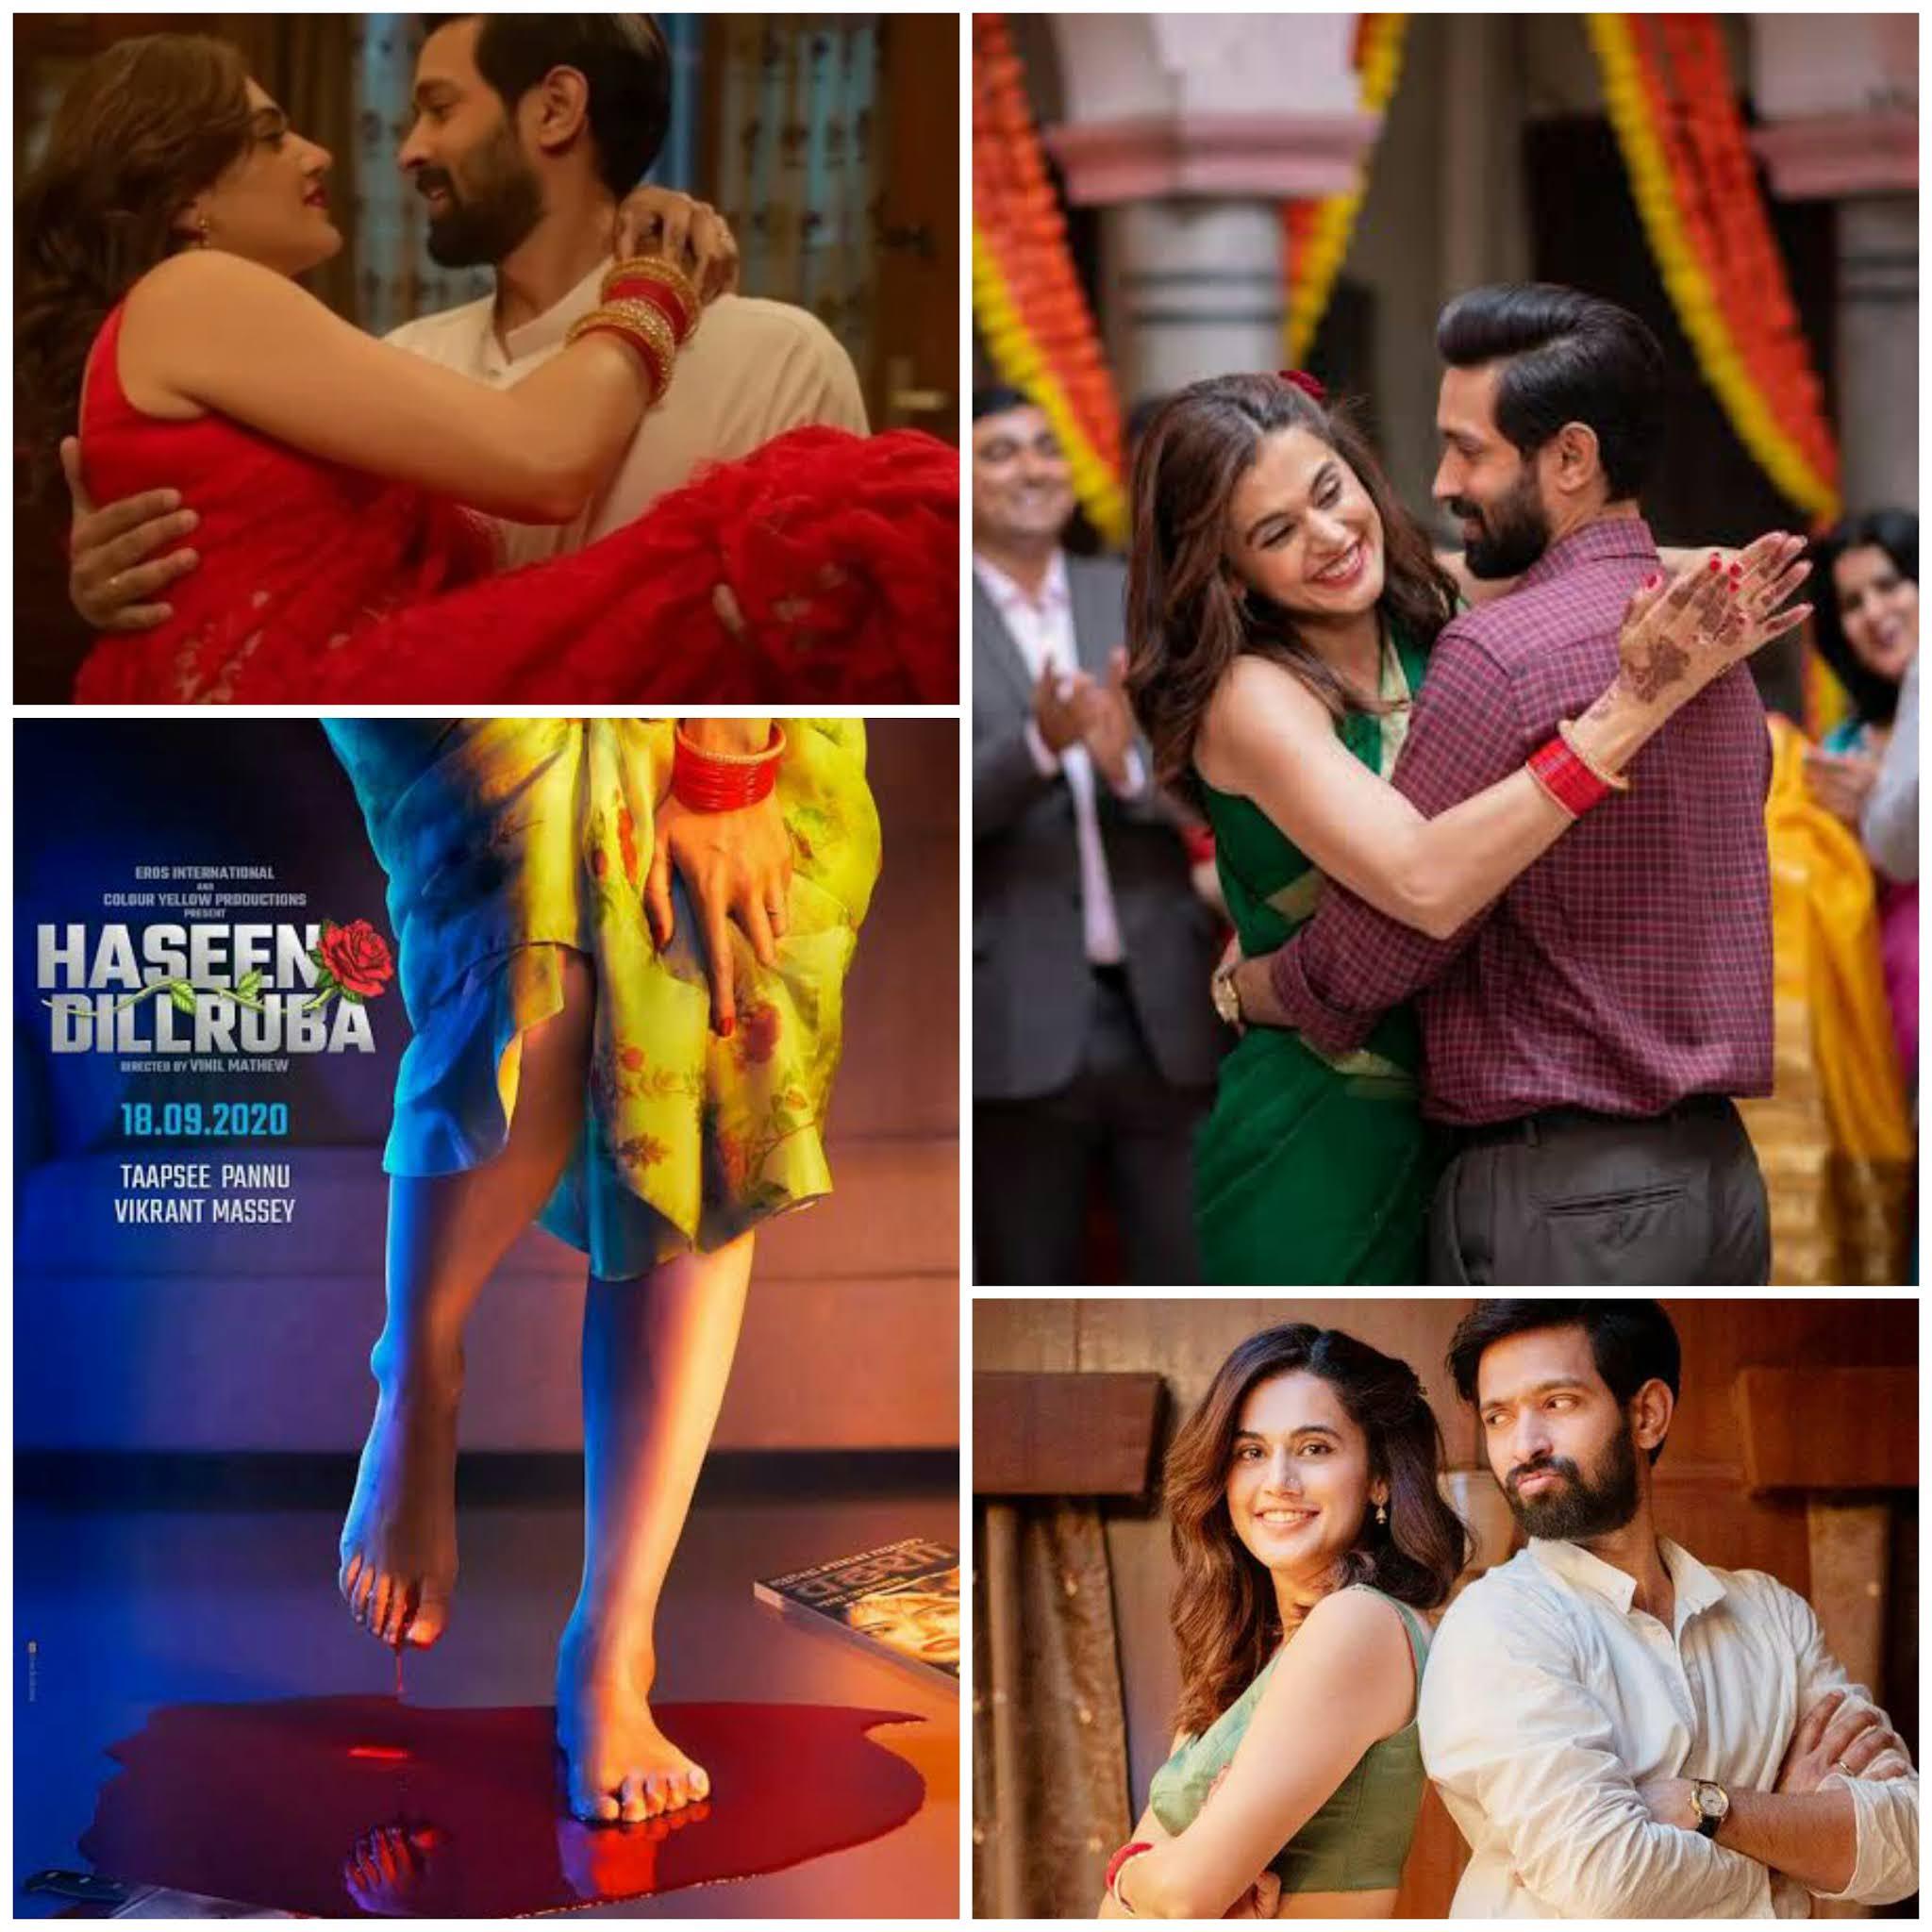 Haseen Dillruba Leak Full Movie Download In Hd, 720p